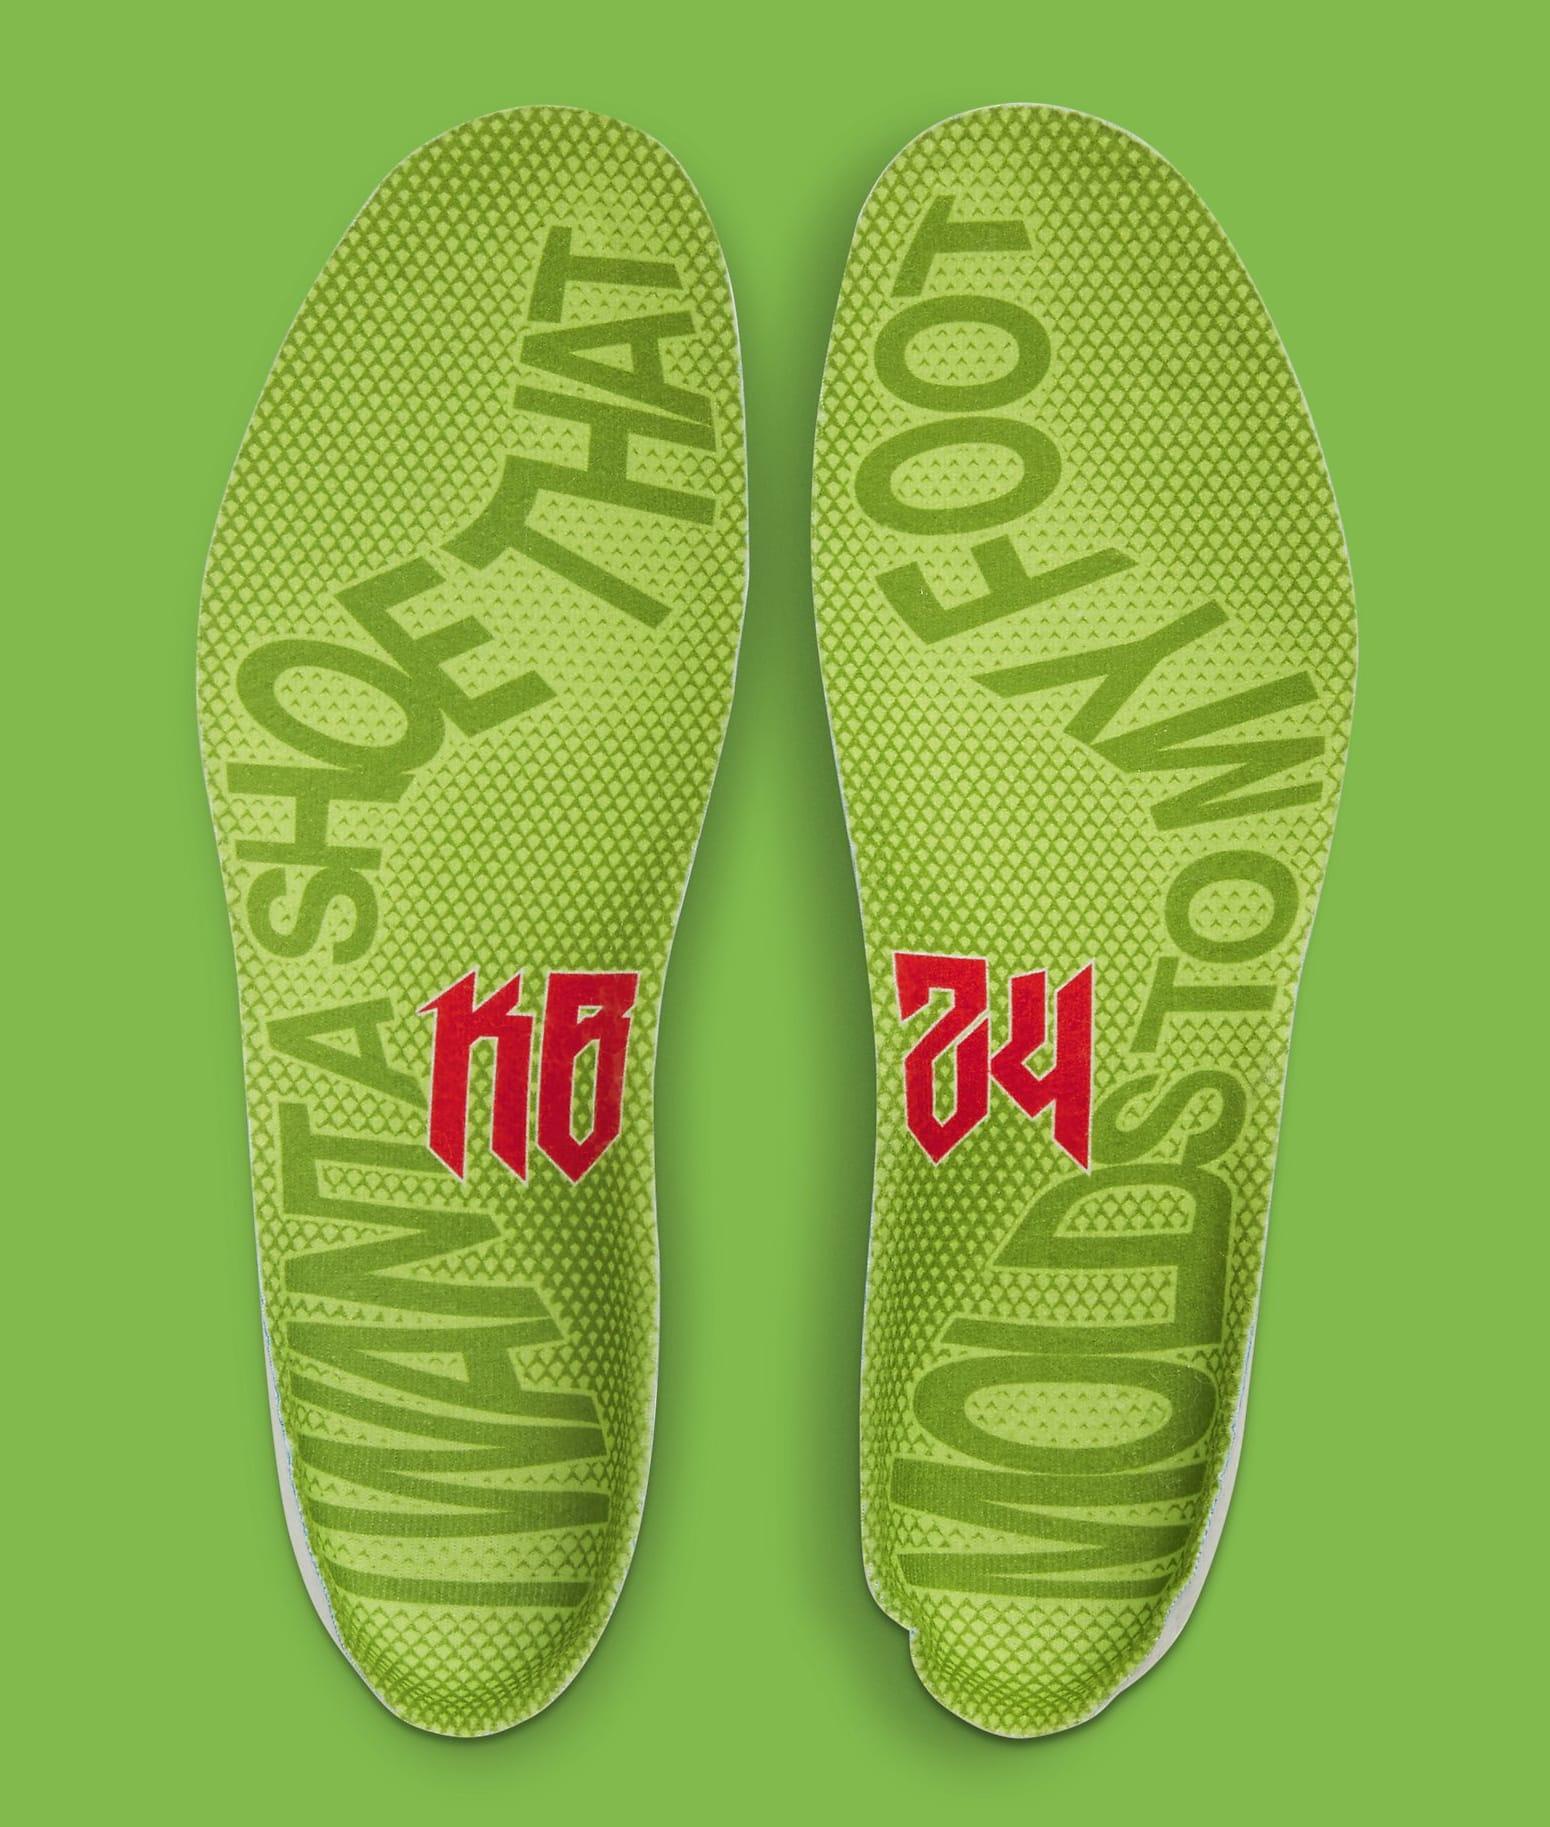 Nike Kobe 6 Protro 'Grinch' CW2190-300 Footbed